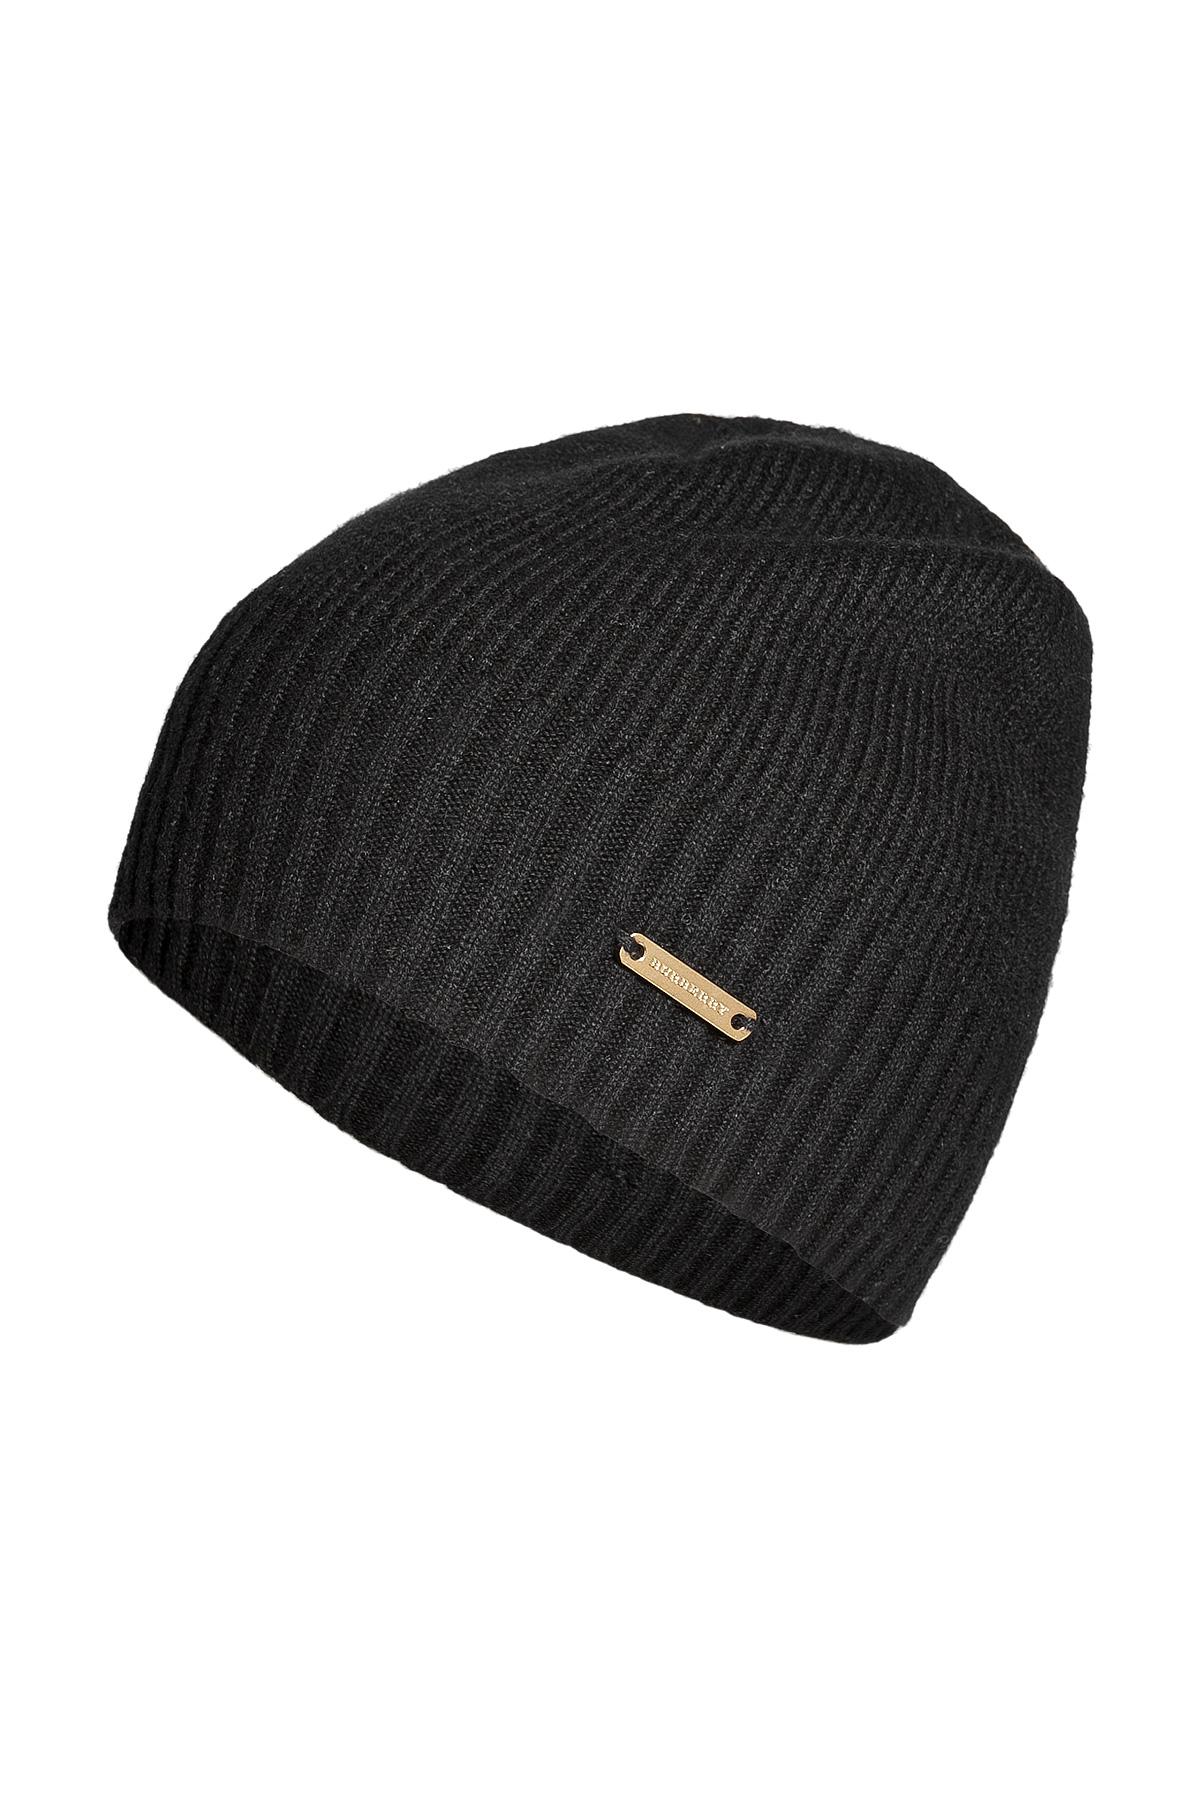 bb3bdfe26b5 Lyst - Burberry Cashmere Fisherman Rib Hat in Black in Black